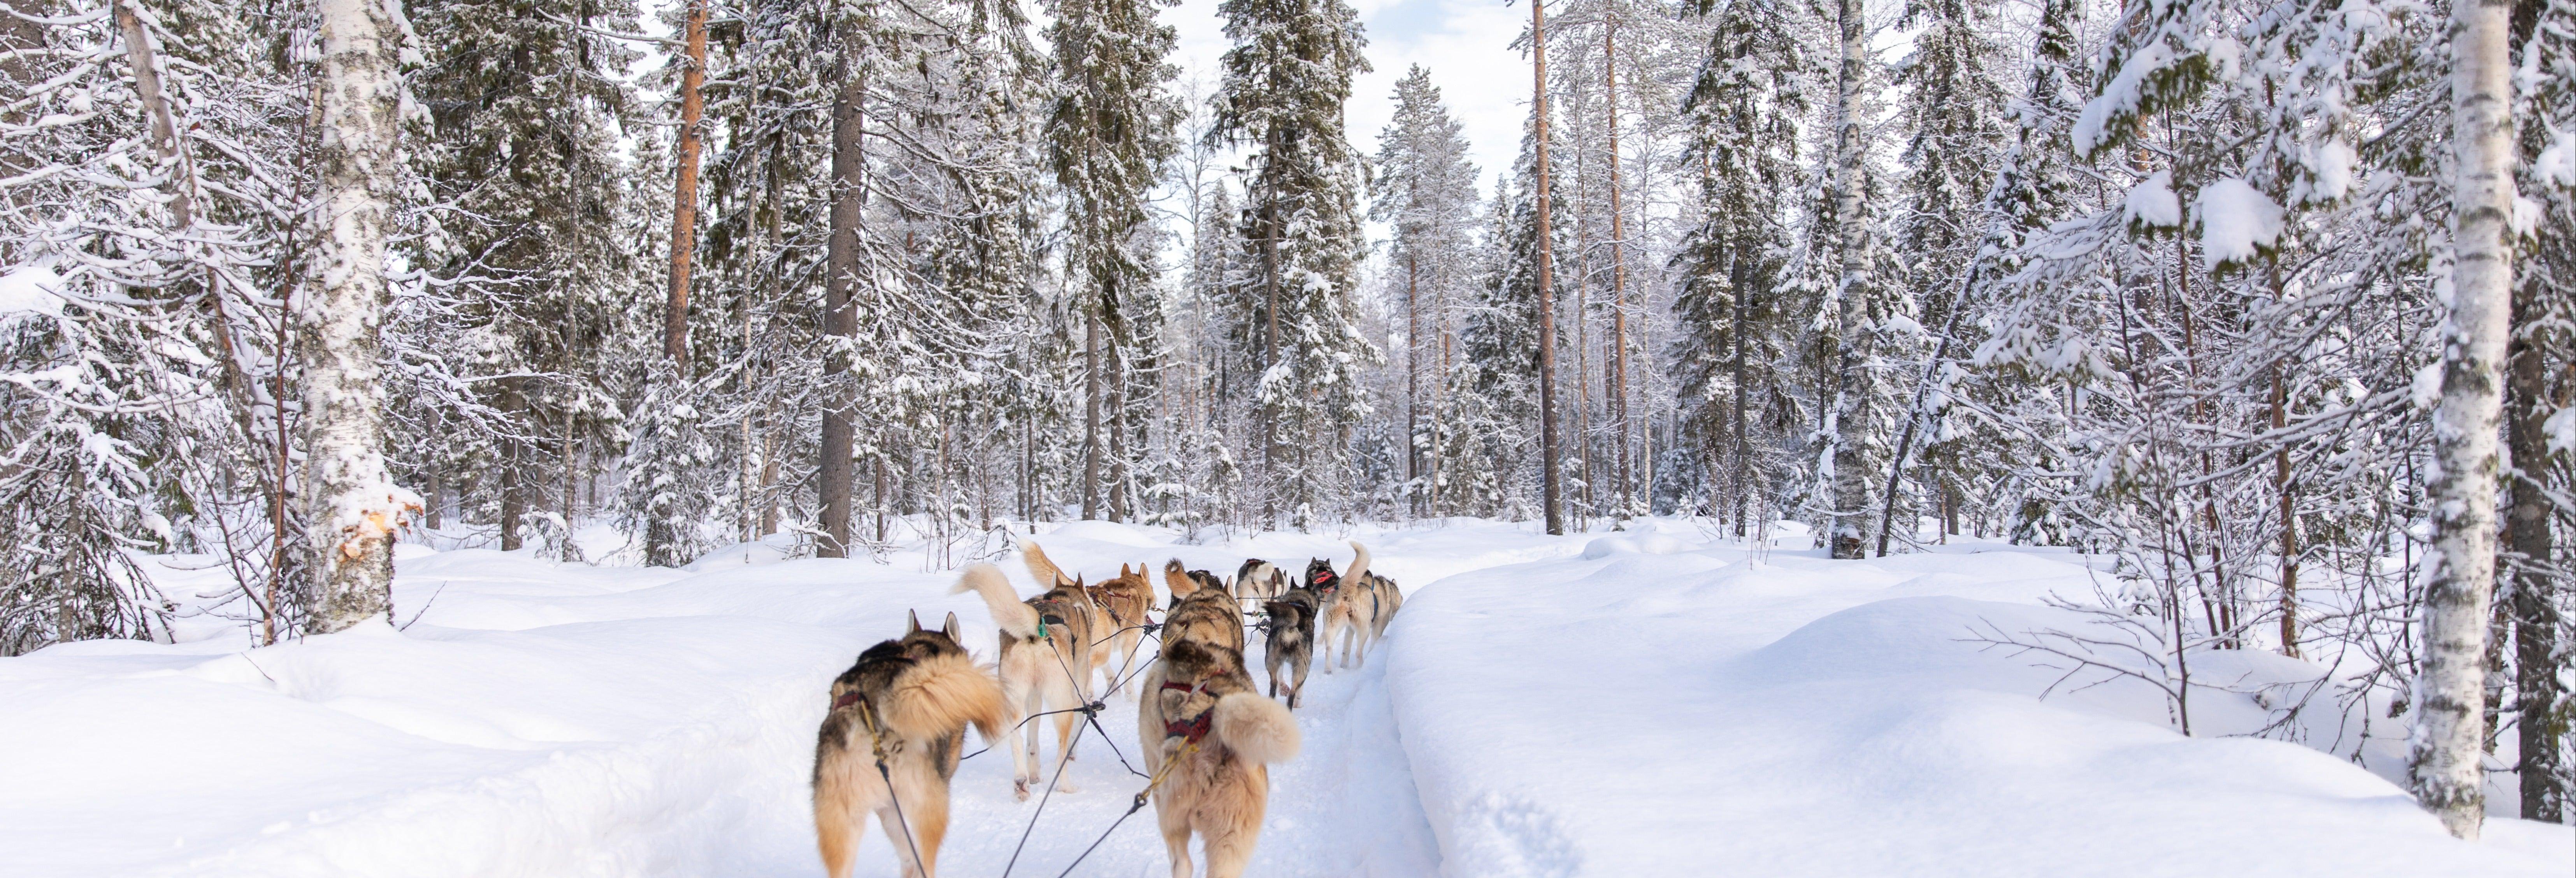 Balade en traîneau tiré par des chiens huskies